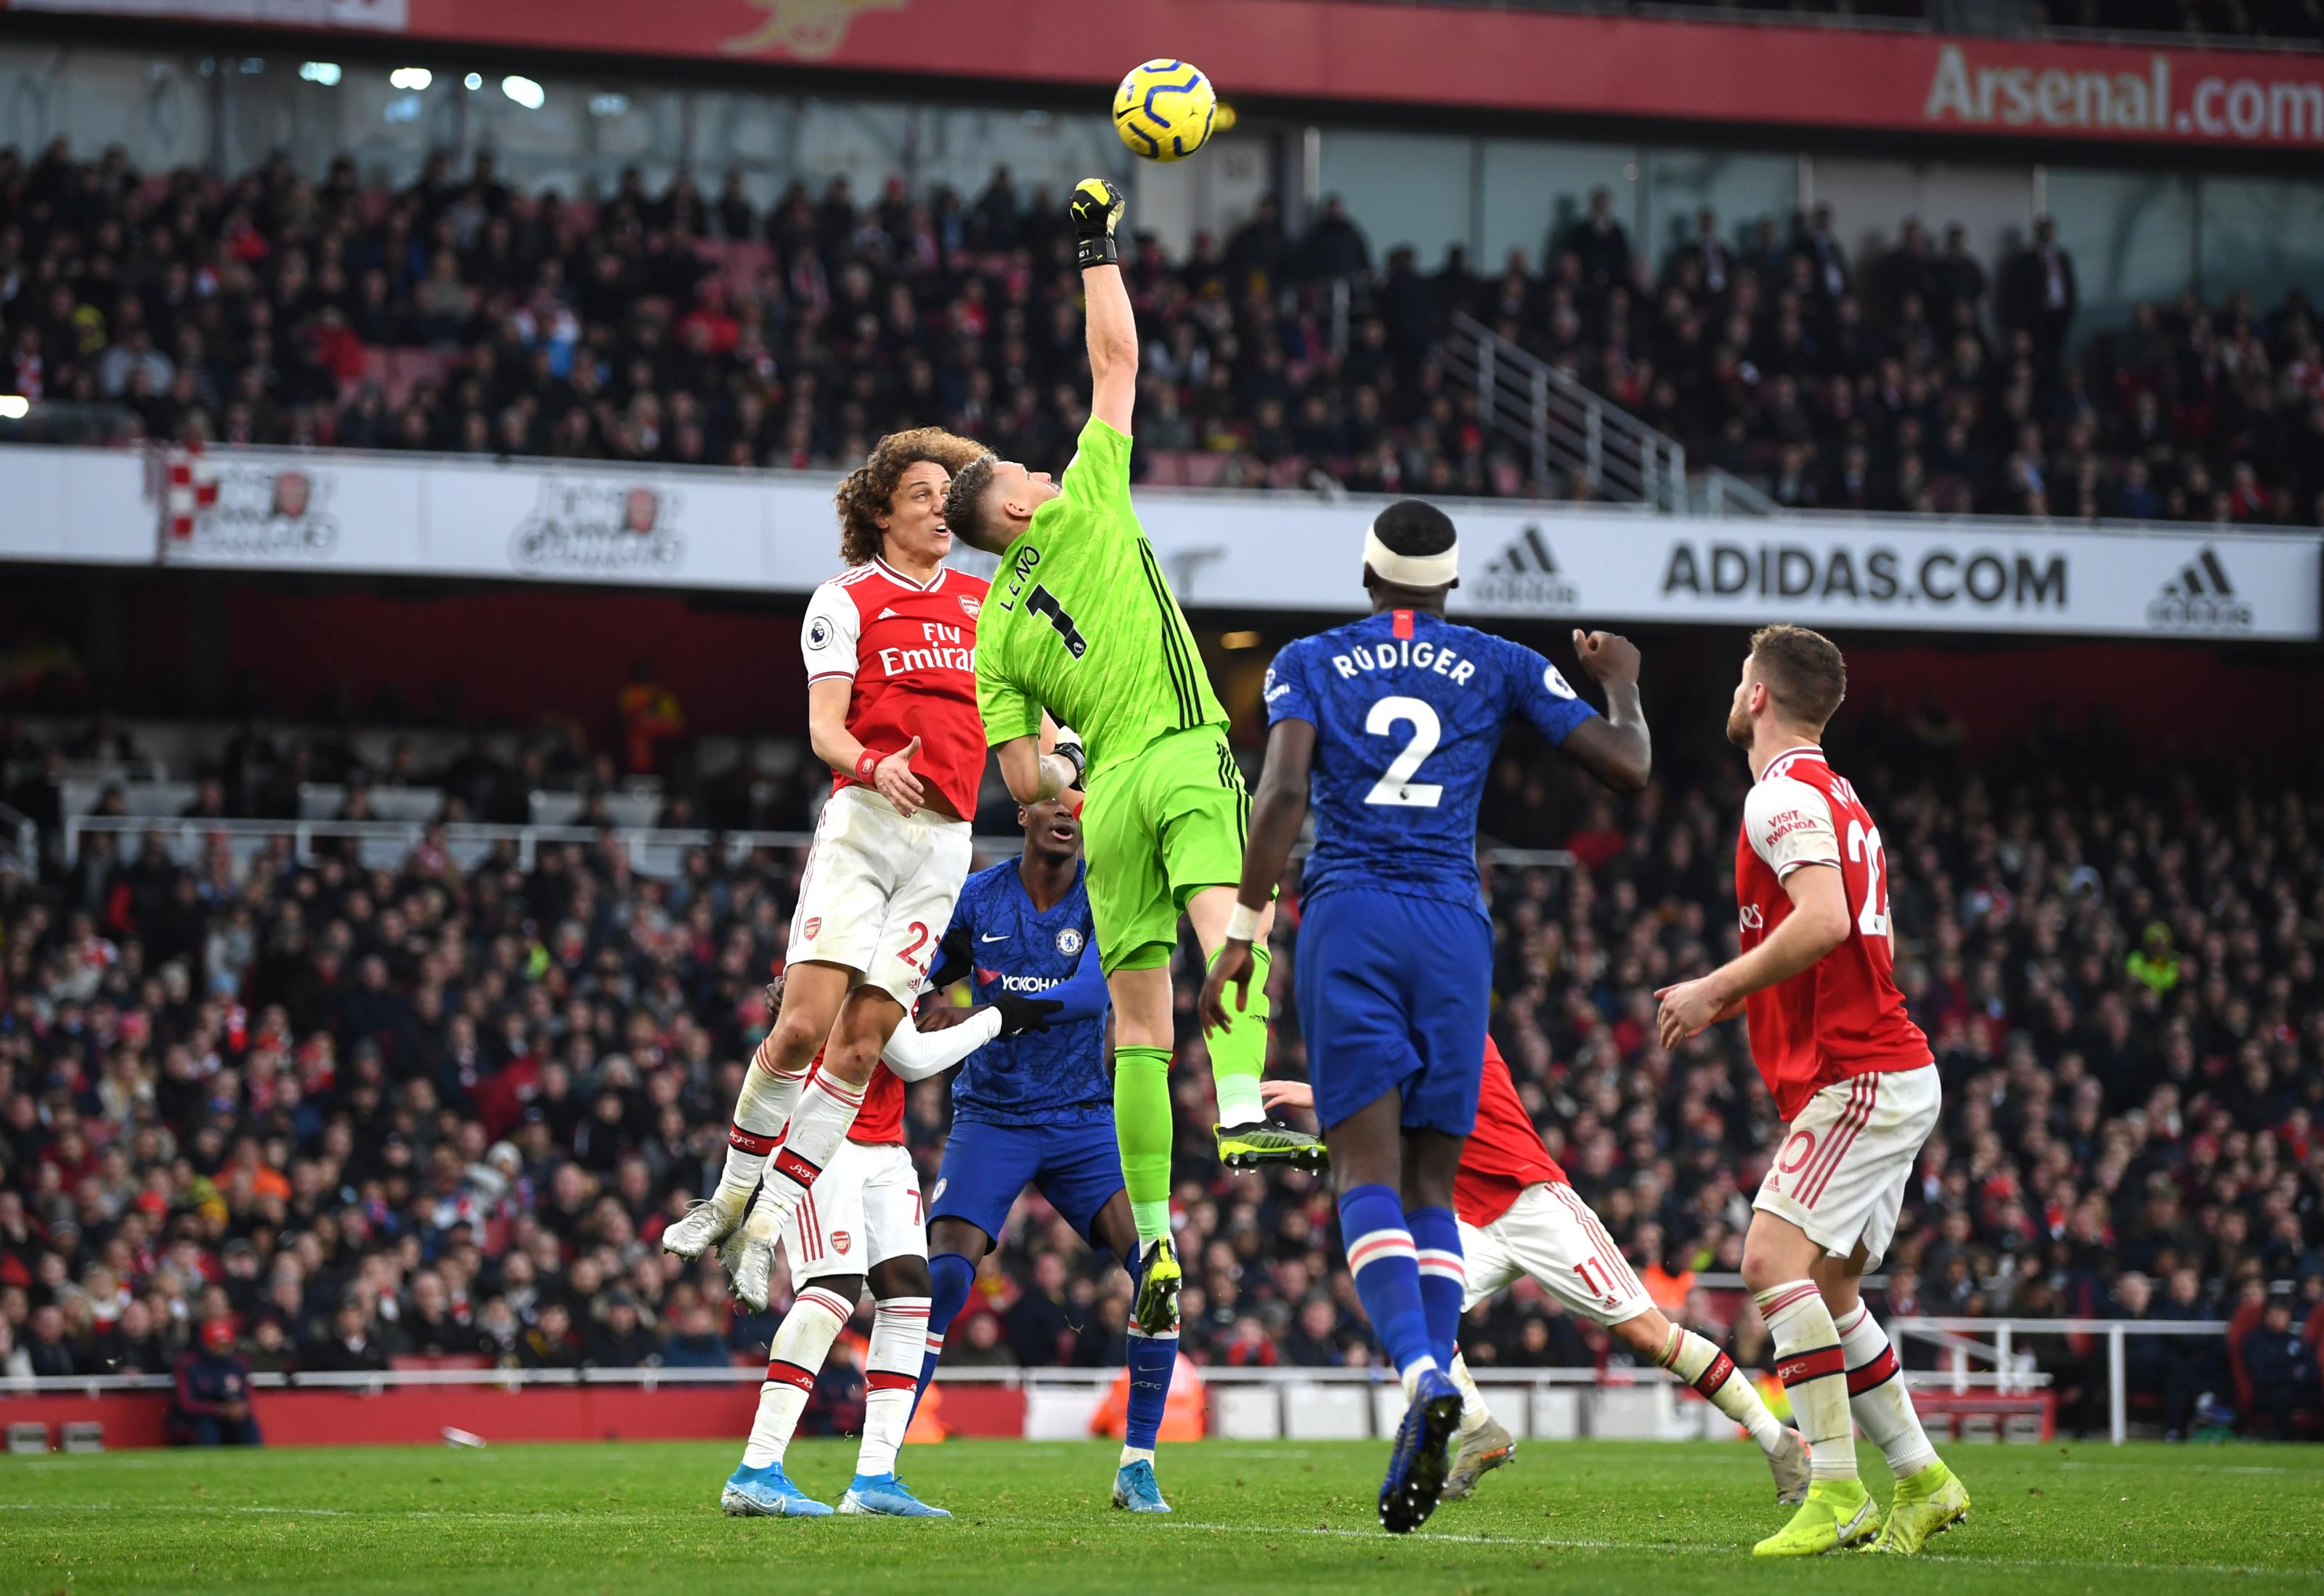 Arsenal Vs Chelsea: Give Bernd Leno A Break